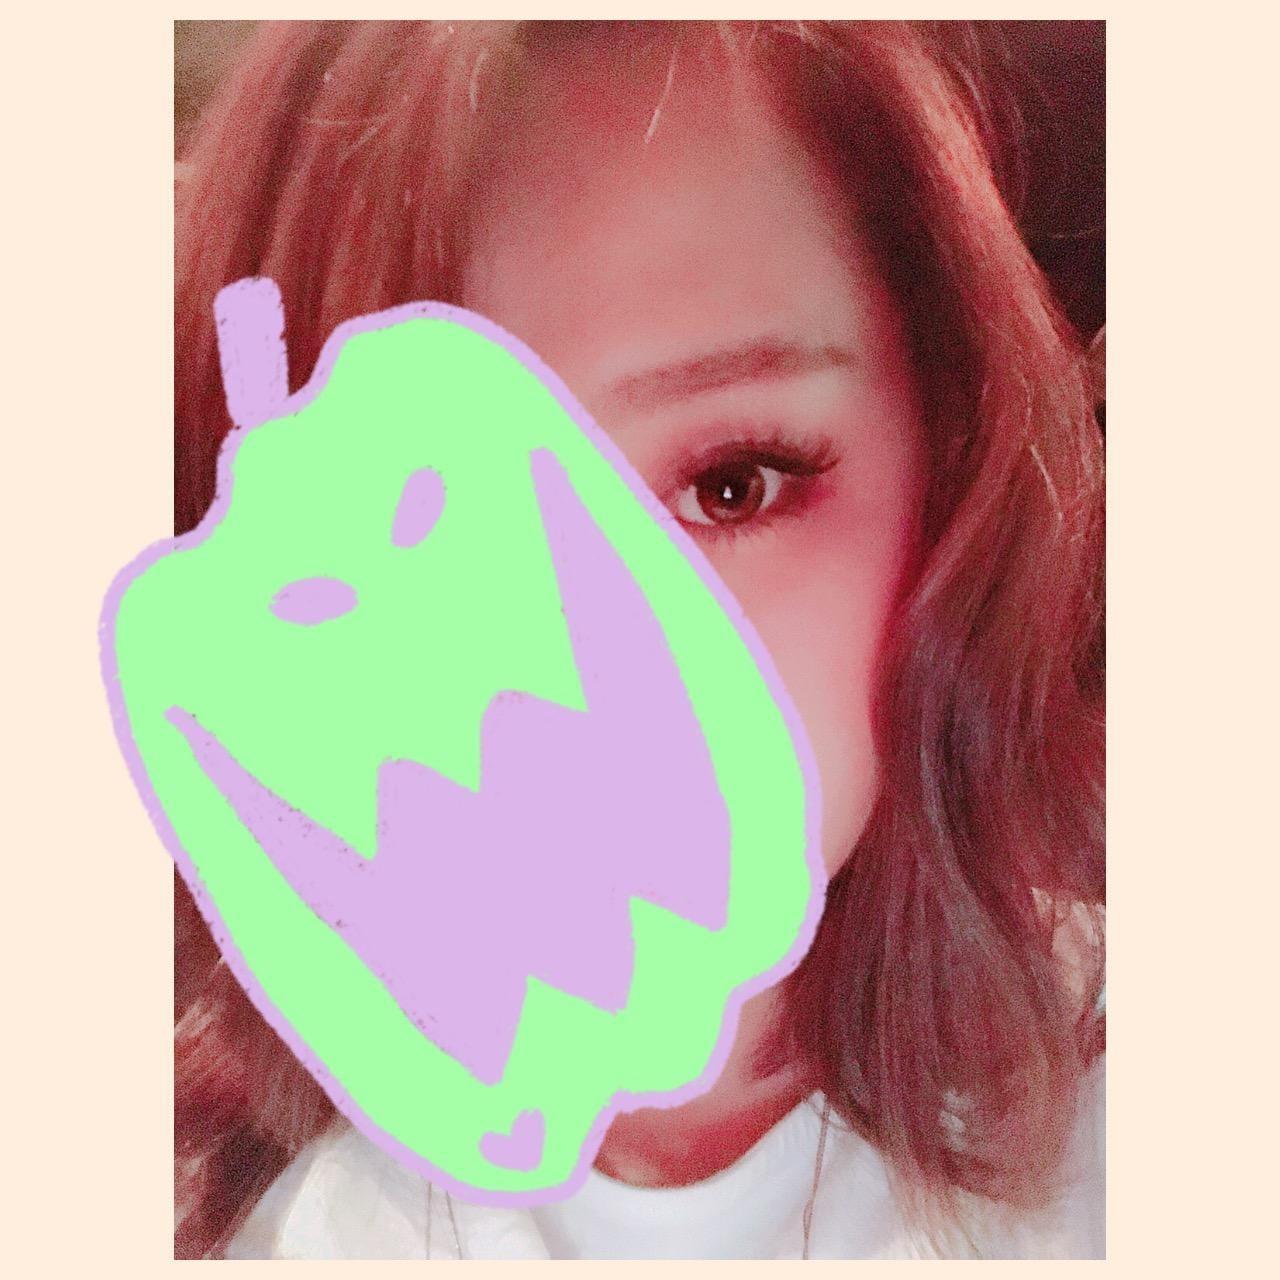 「こんにちわ」10/18(10/18) 15:57   れいの写メ・風俗動画